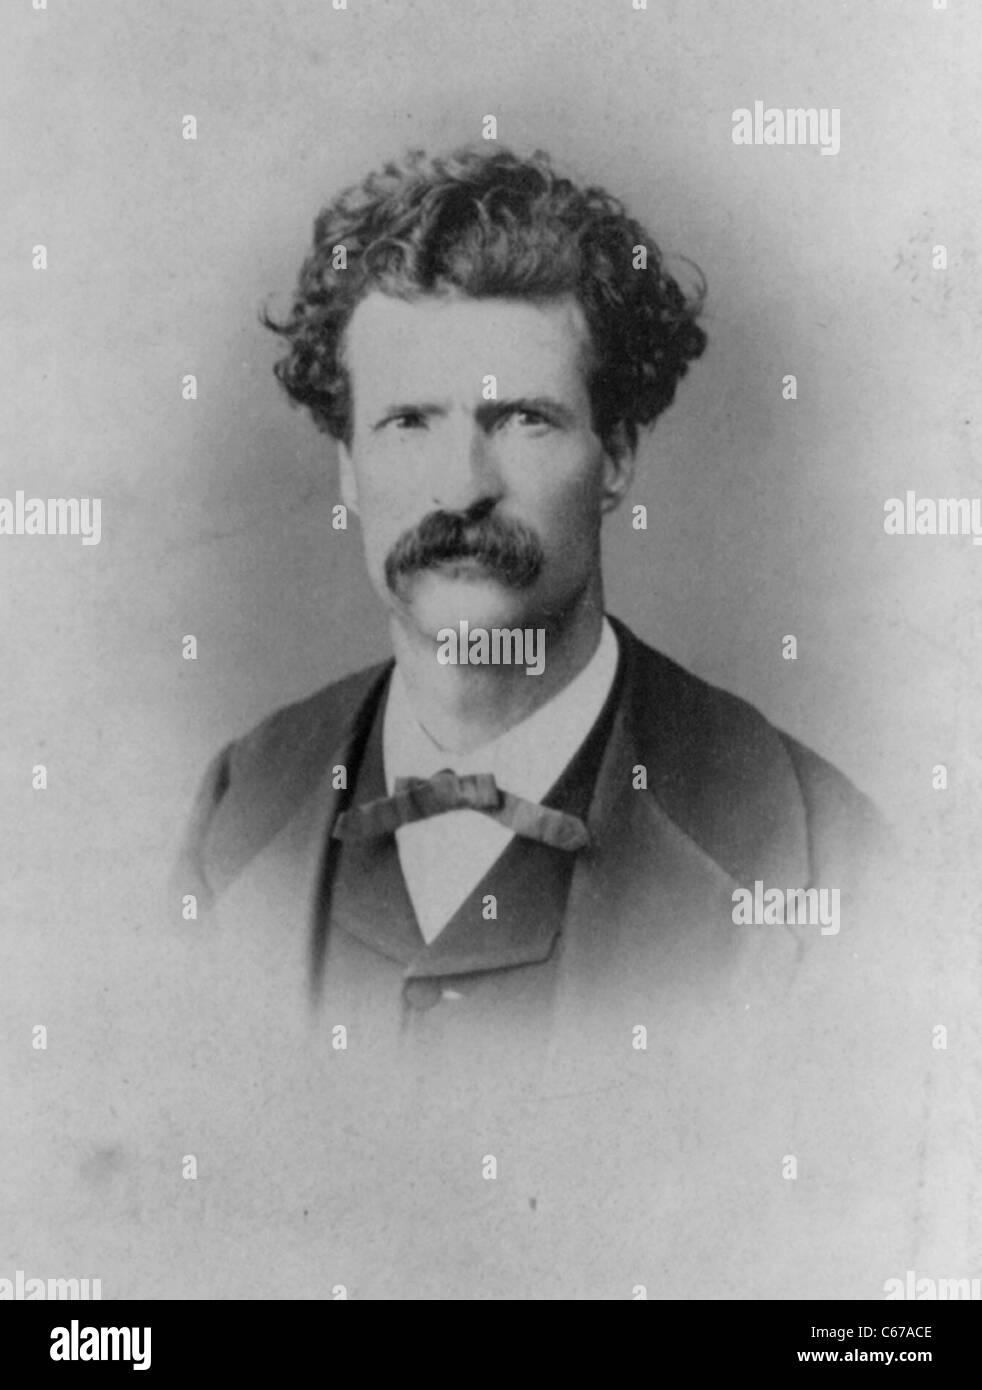 Samuel Langhorne Clemens, aka Mark Twain - Stock Image